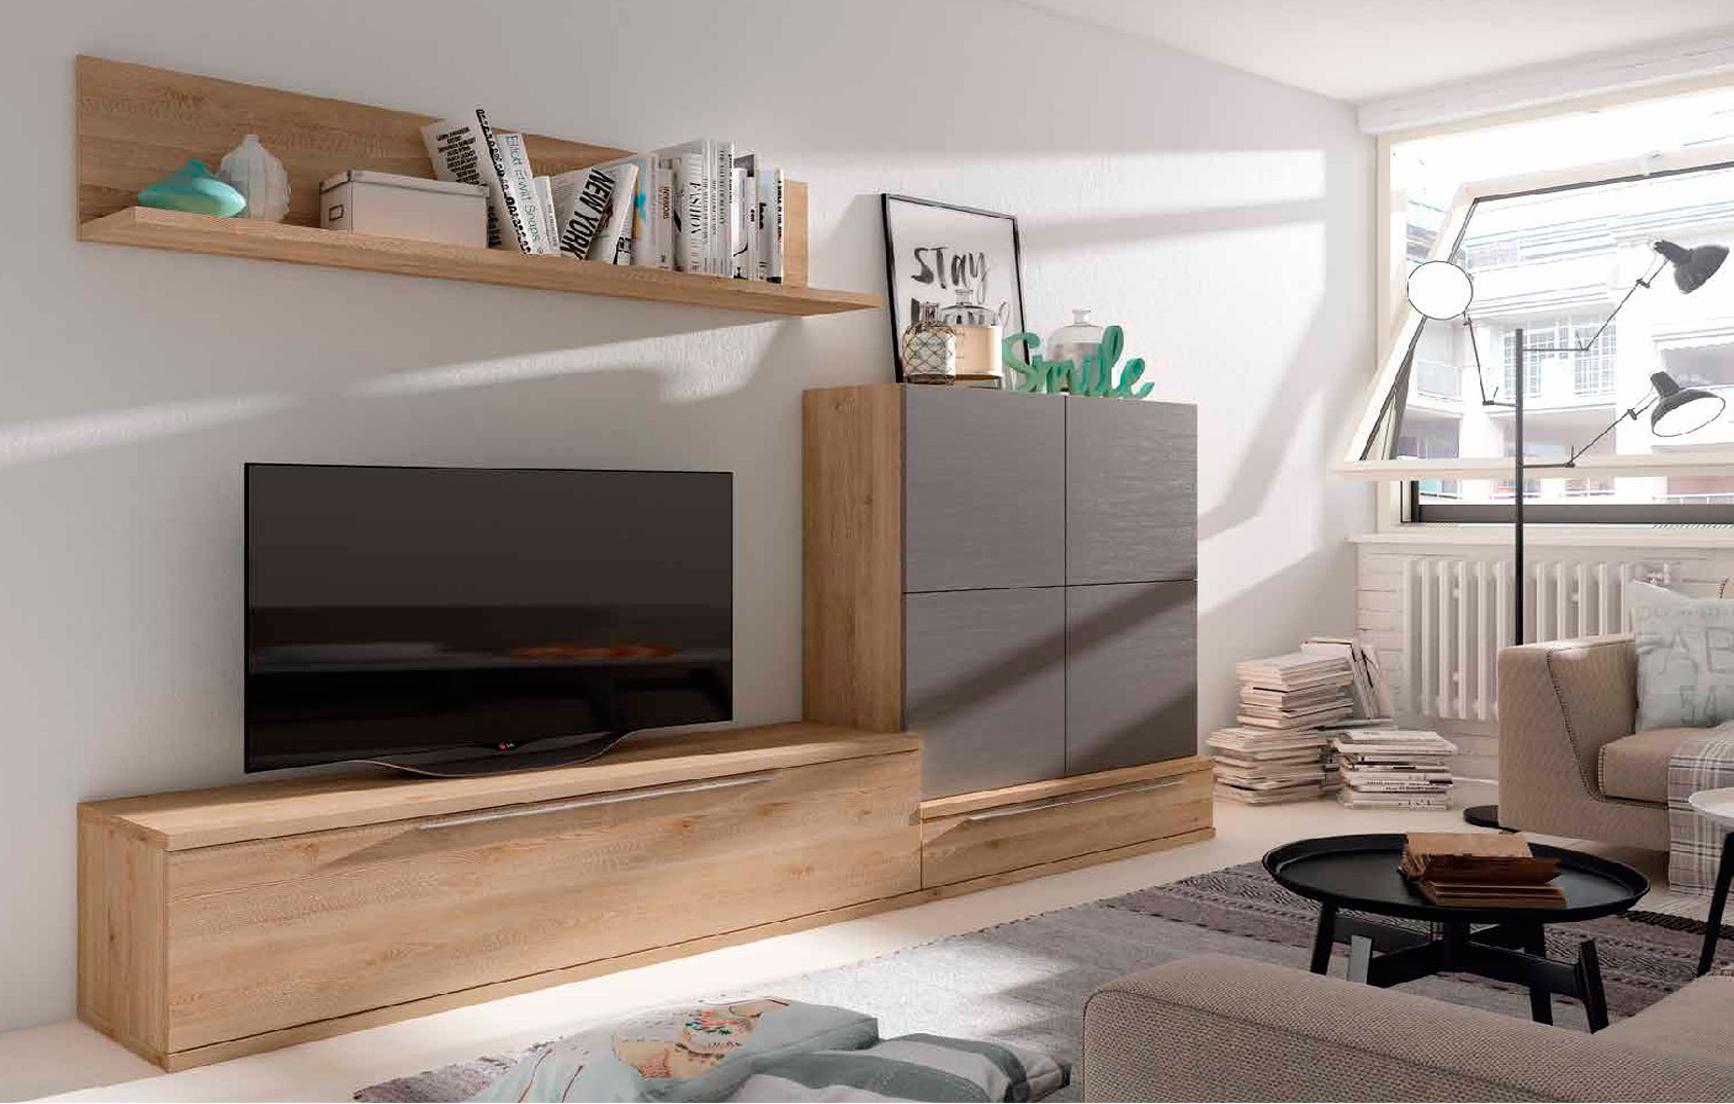 Pino danés y organic lava - Muebles Adama Tienda de muebles en madrid